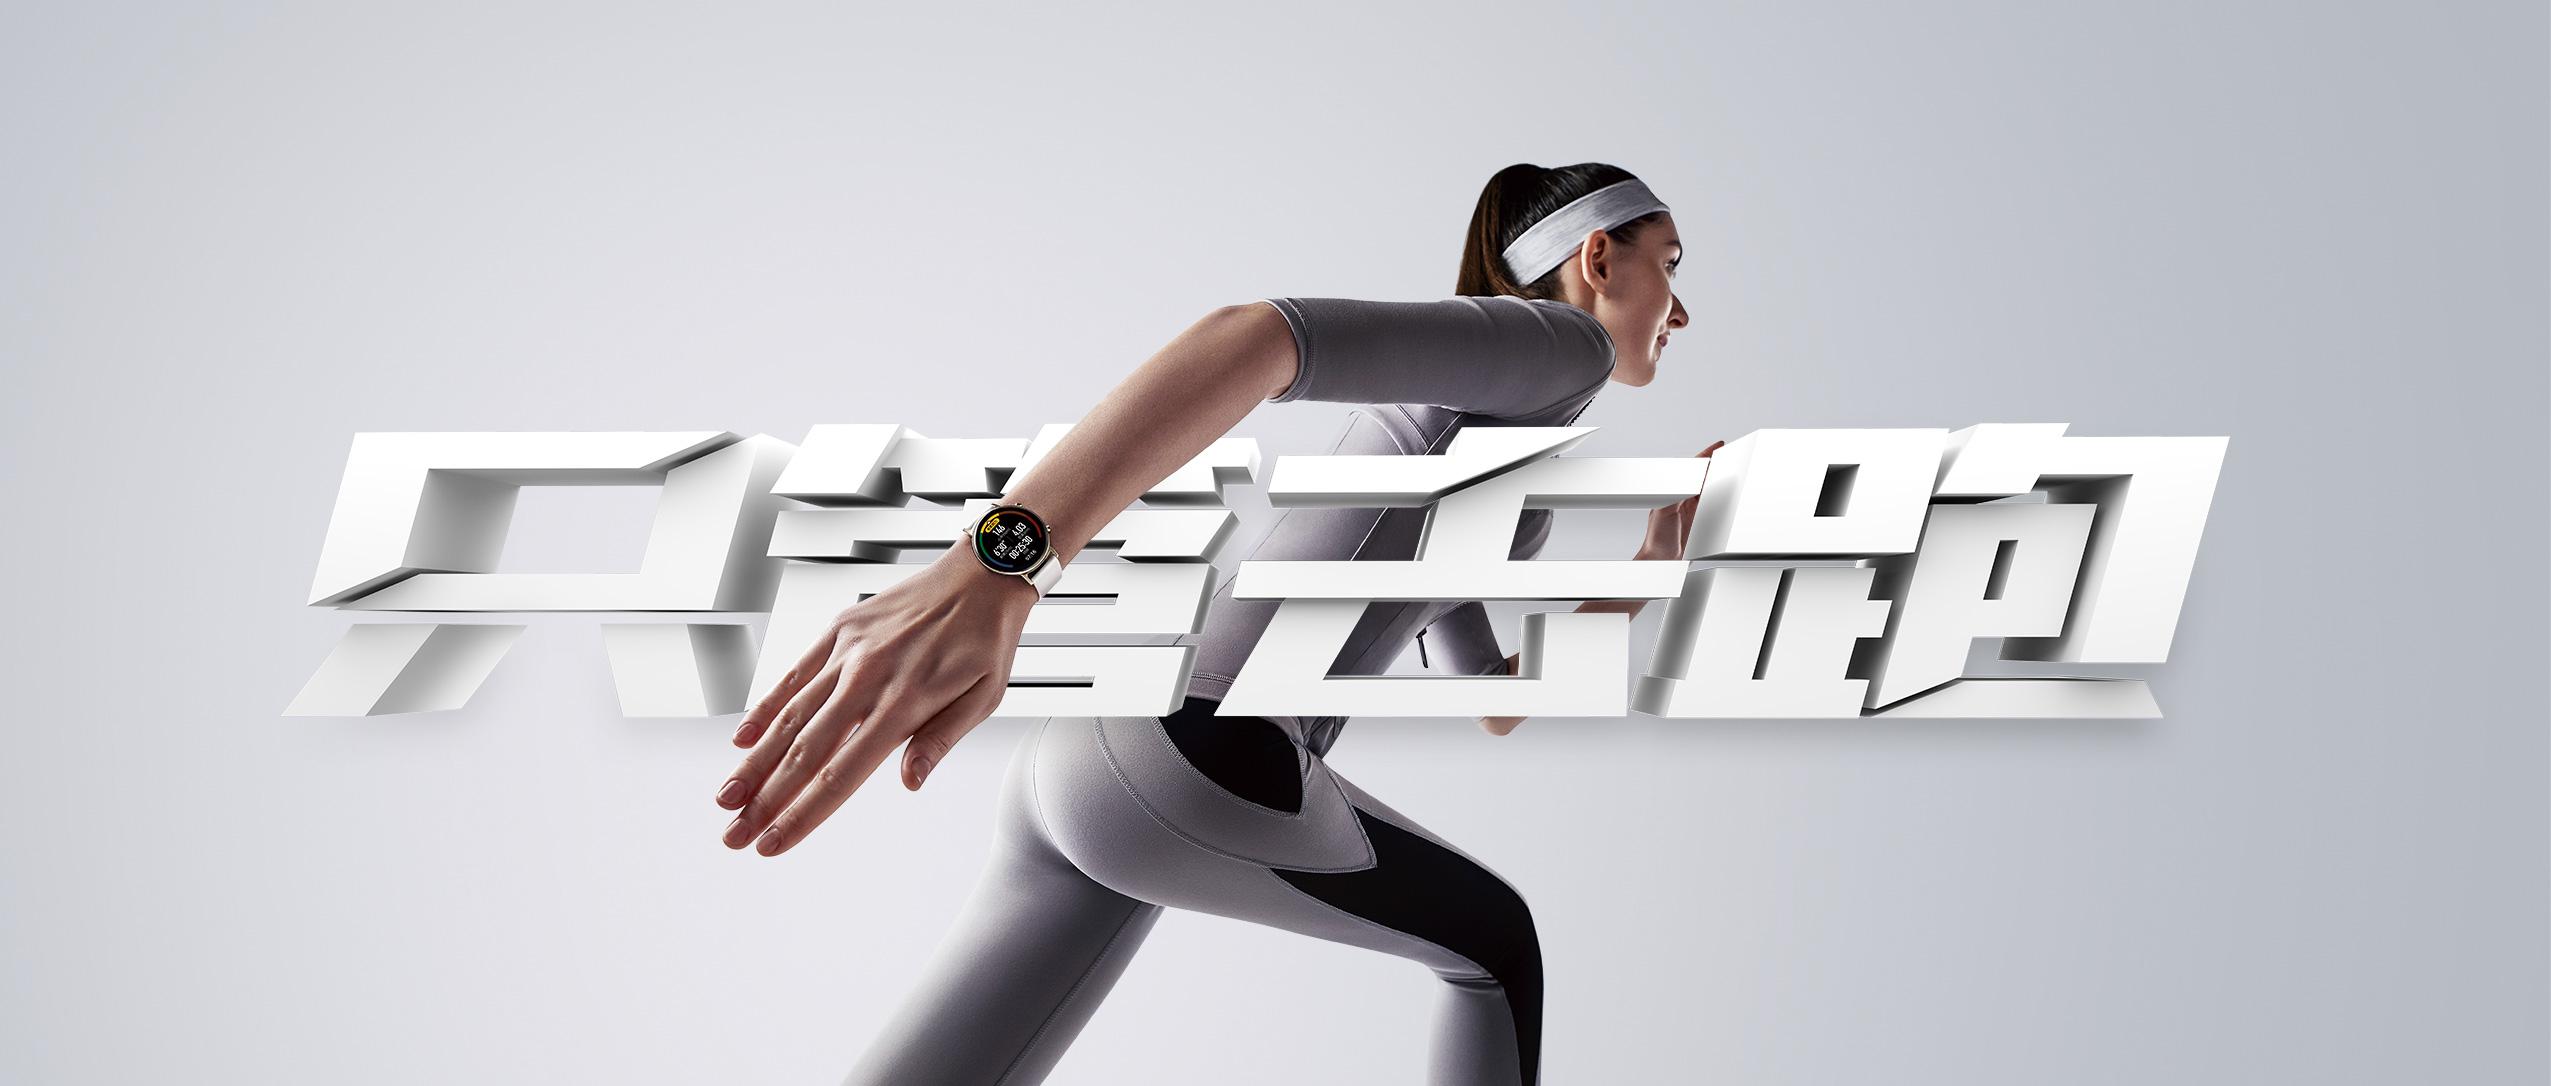 """华为旗舰店""""只管去跑""""运动健康活动正式启动:坐不住?跑就对了!,运动健康-花粉俱乐部"""